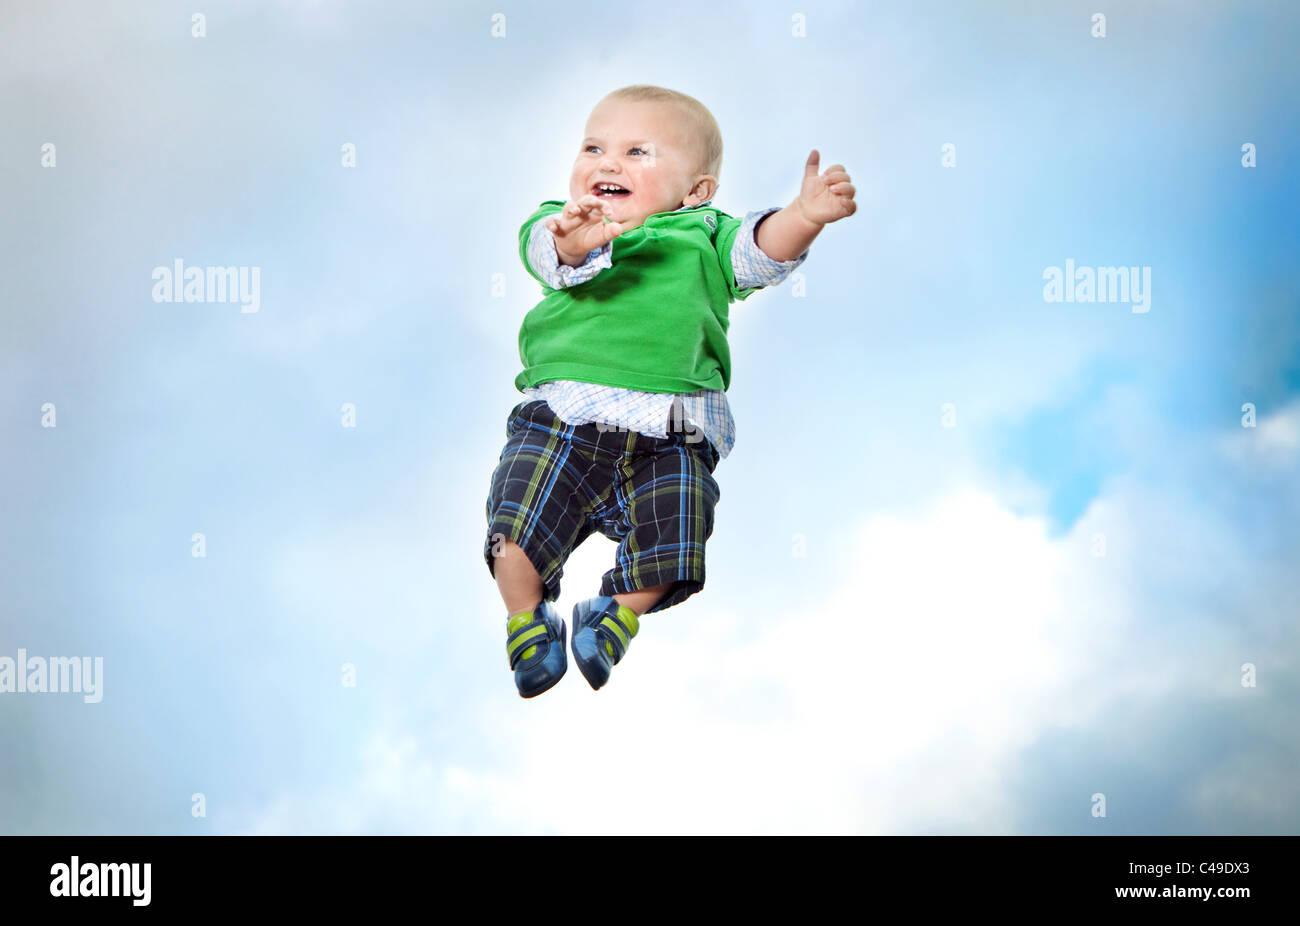 Un petit garçon dans des vêtements volant dans les airs contre un ciel bleu. Photo Stock